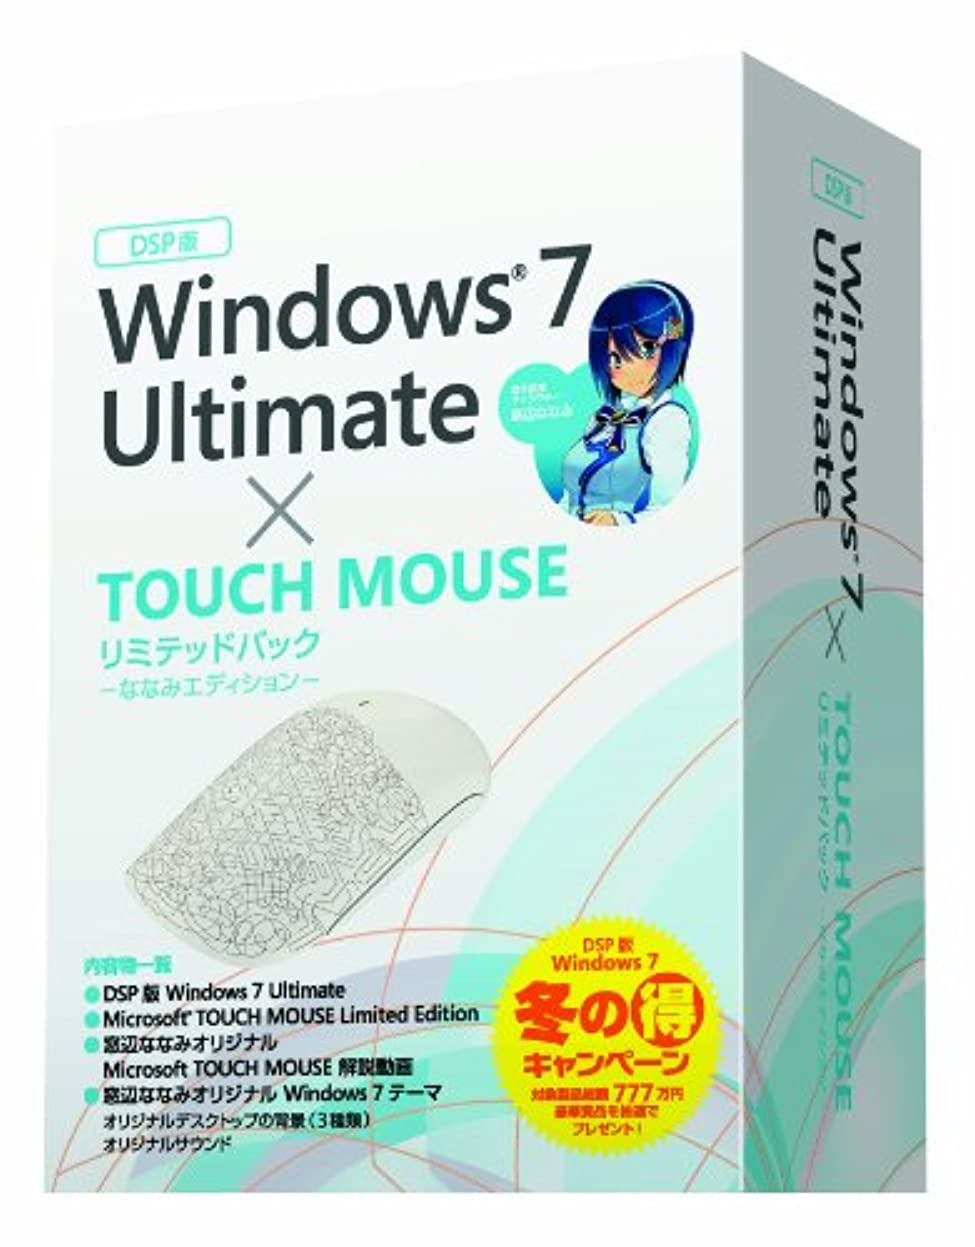 北極圏大砲農場Windows 7 Ultimate SP1 32bit 1pk 日本語 DSP版 DVD リミテッドパック 【TOUCH MOUSE付】